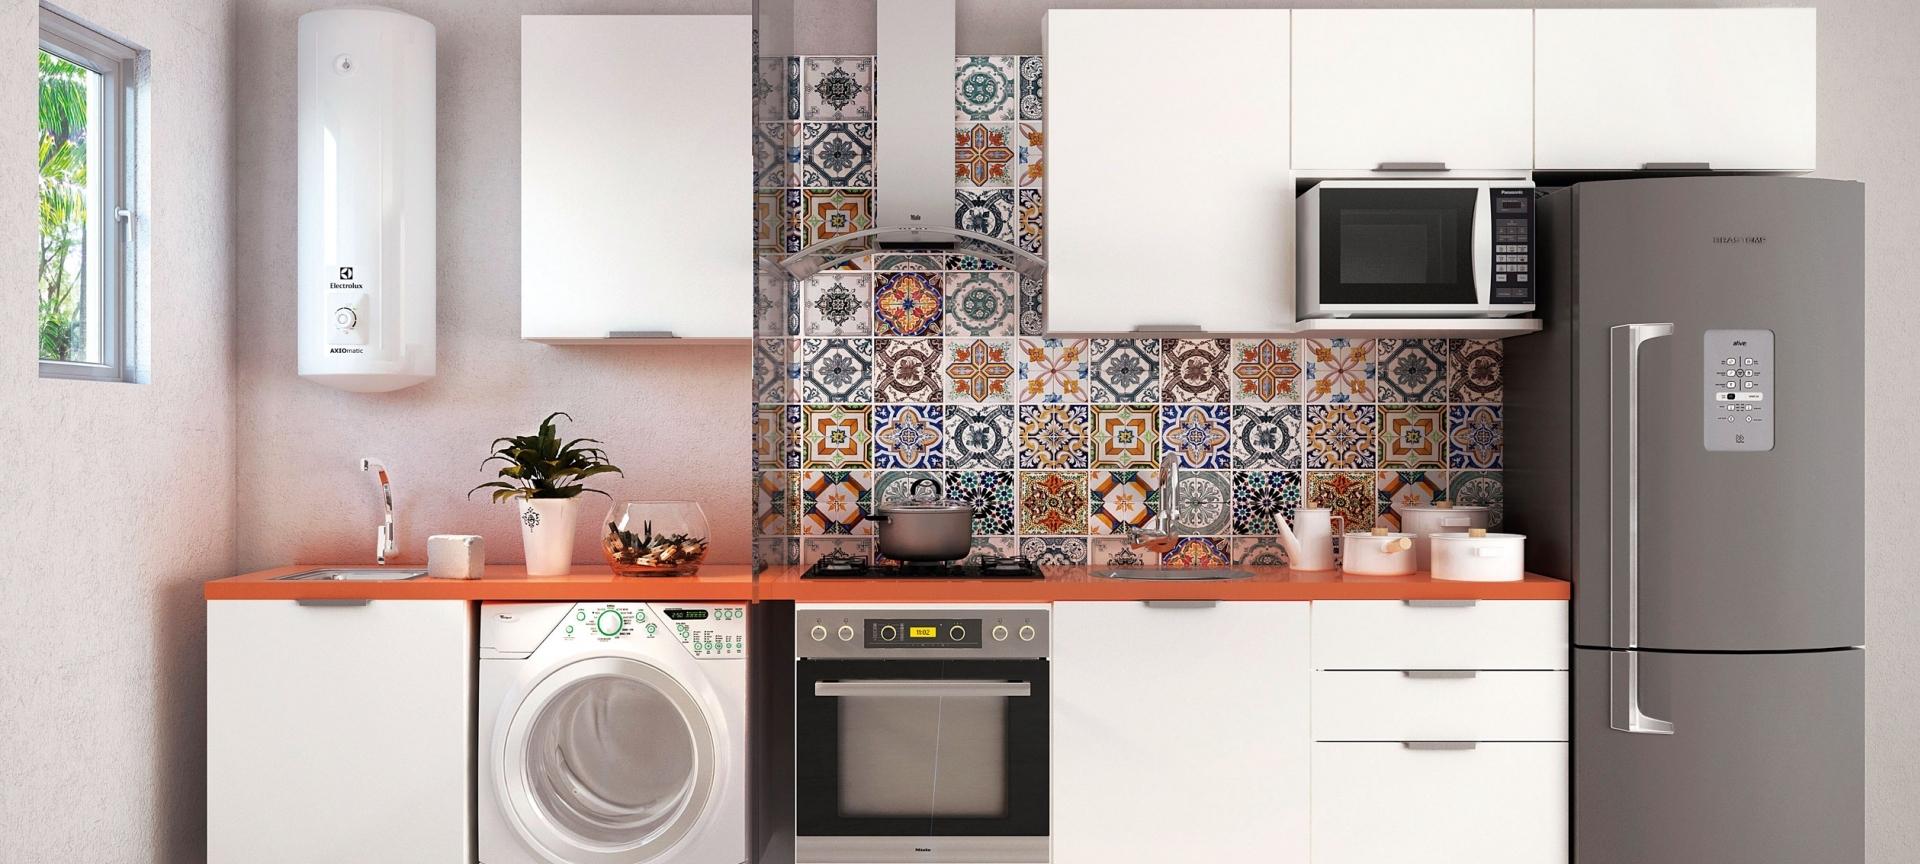 Onde Encontrar Cozinha Planejada para Apartamento em Perdizes - Cozinha Planejada Americana